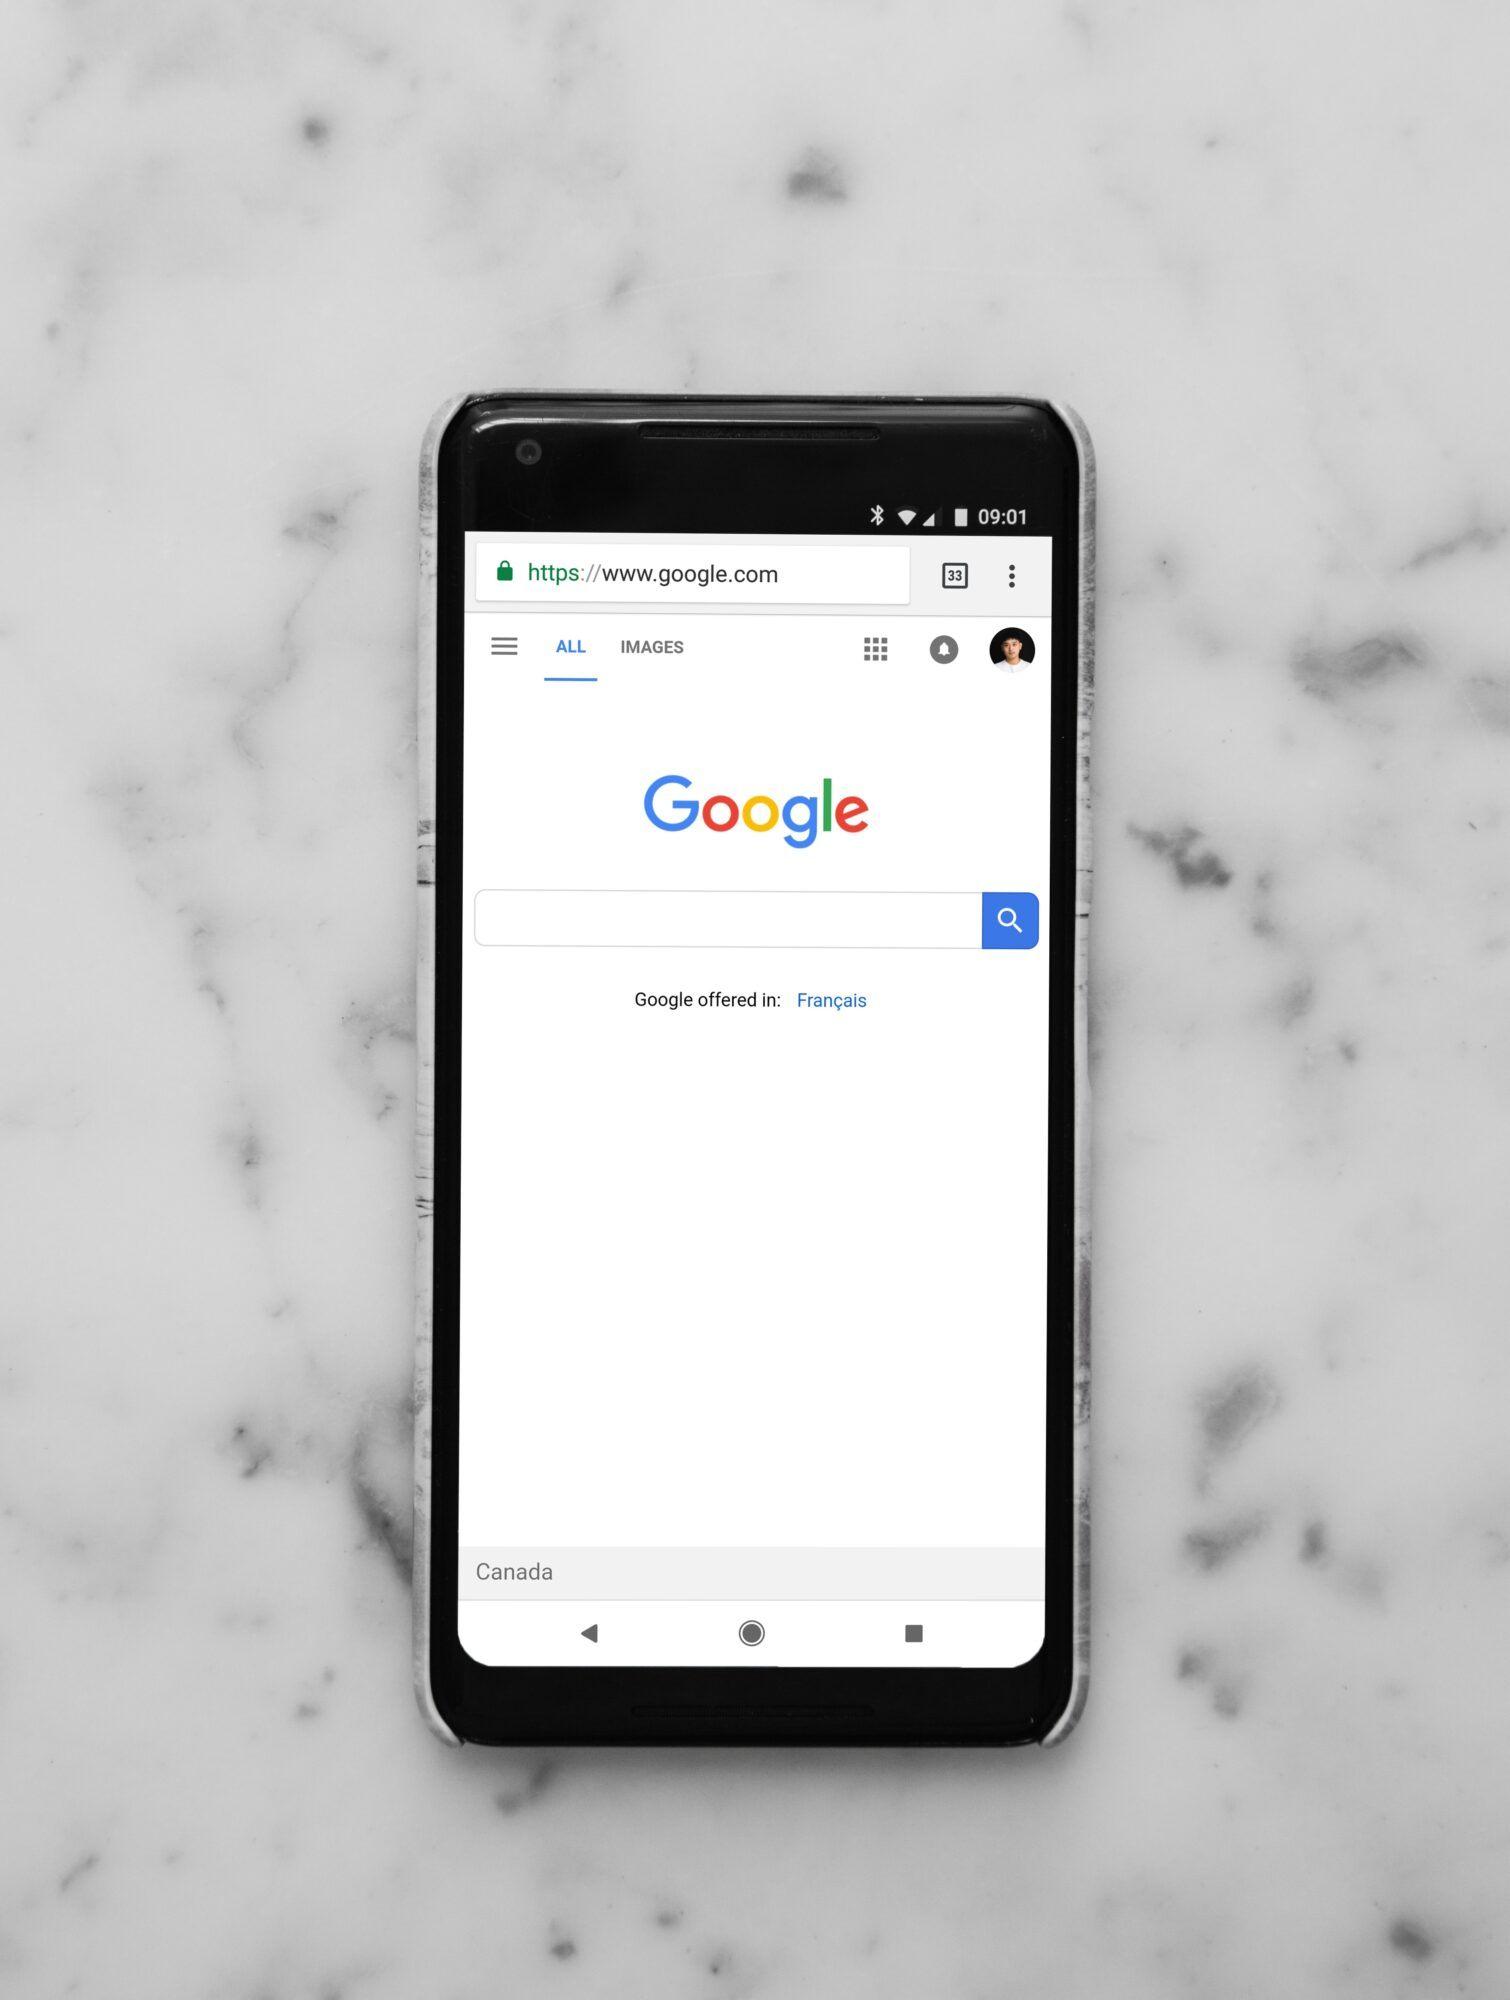 moteurs-de-recherche-alternatifs-google-android-smartphone